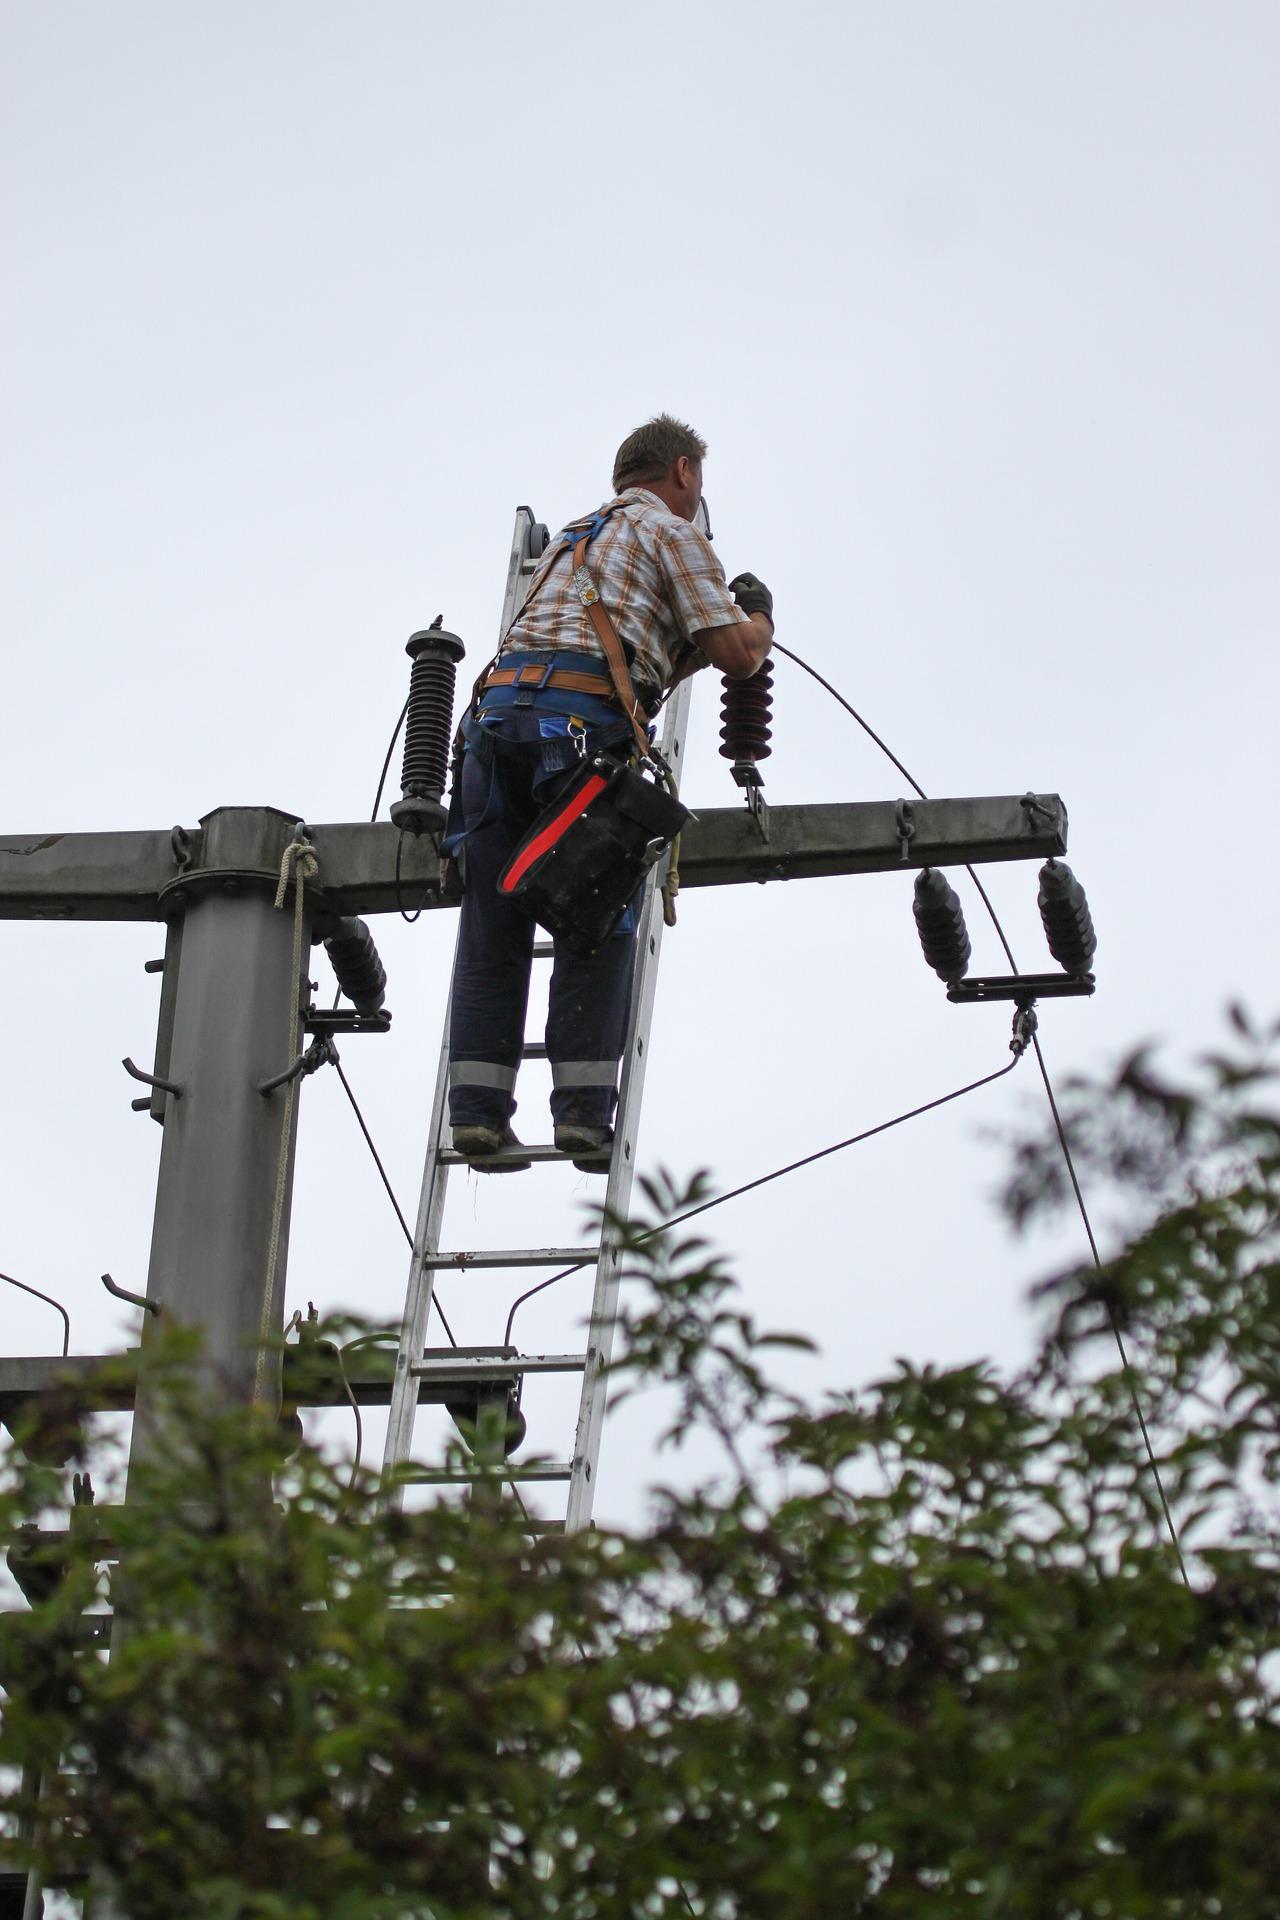 Porażenie prądem pierwsza pomoc, prąd elektryczny